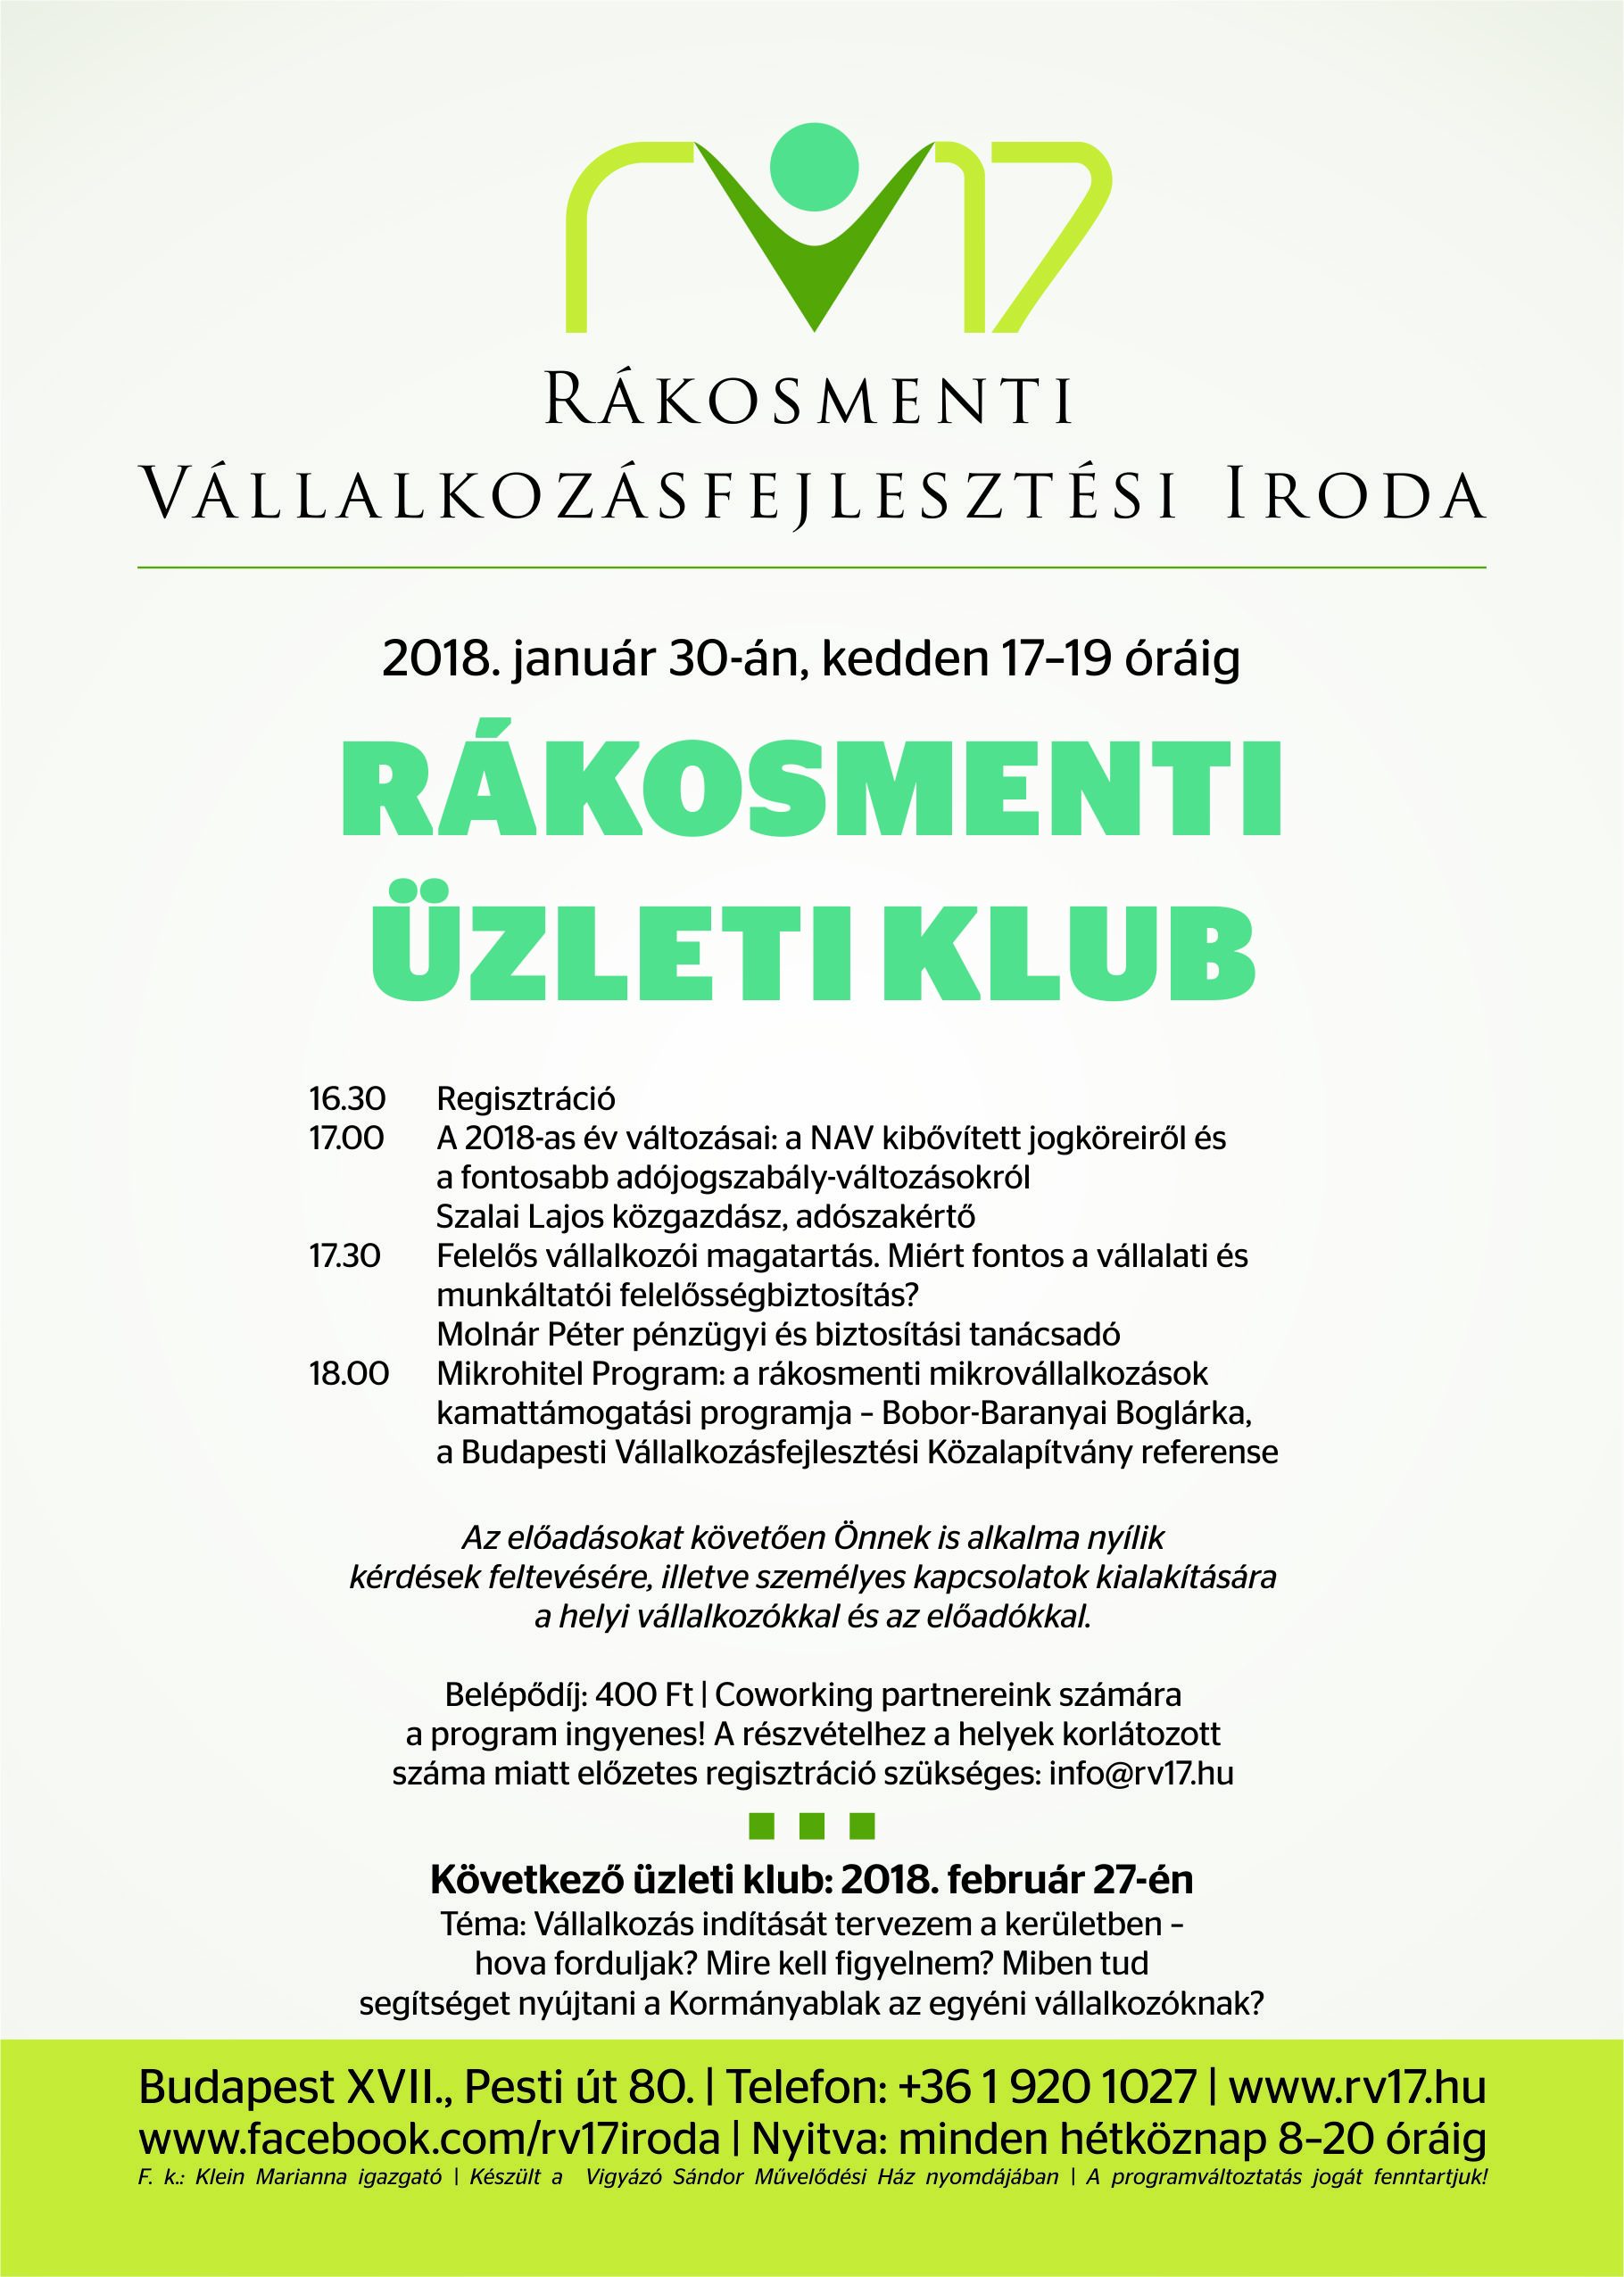 Rákosmenti üzleti klub - 2018.01.30.